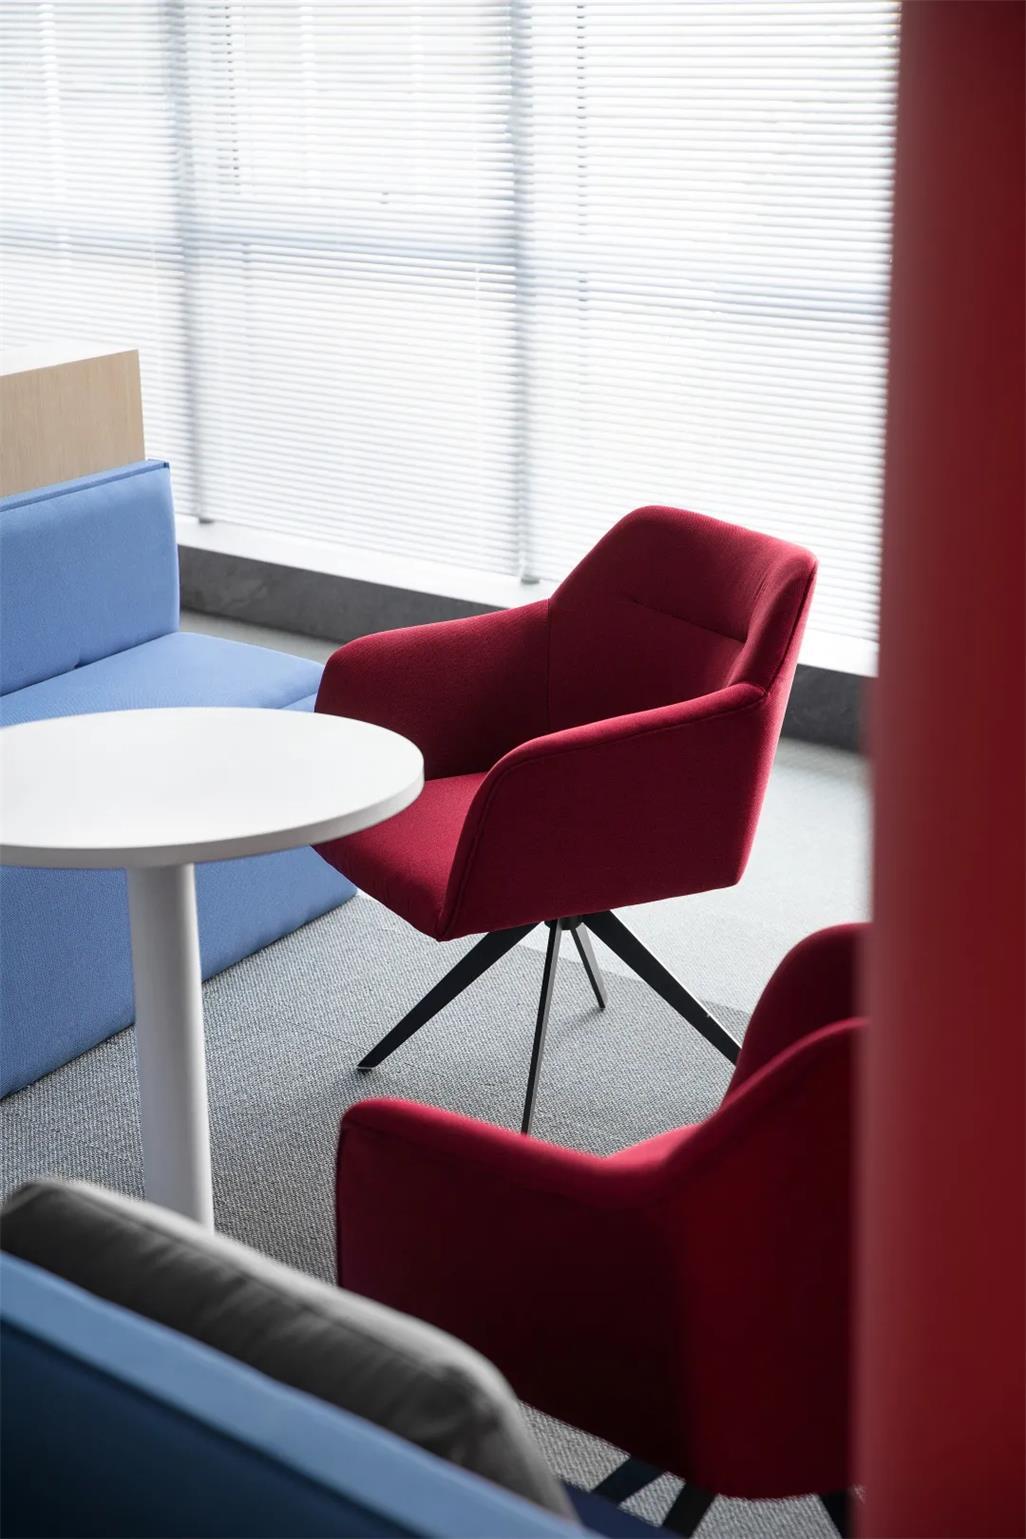 办公室休闲红椅设计